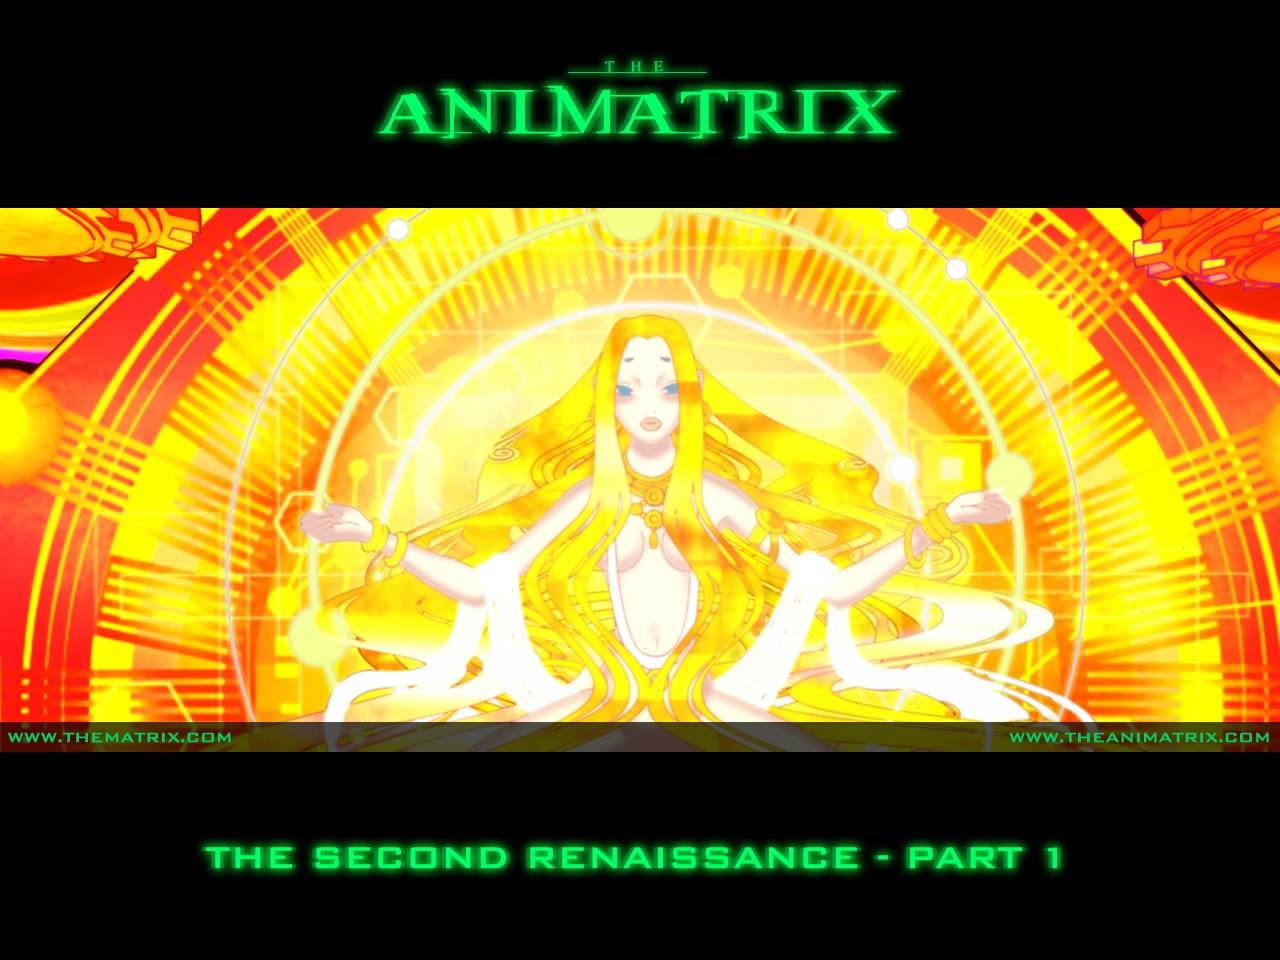 Un wallpaper dell'episodio 'The Second Renaissance, Part 1' di Animatrix